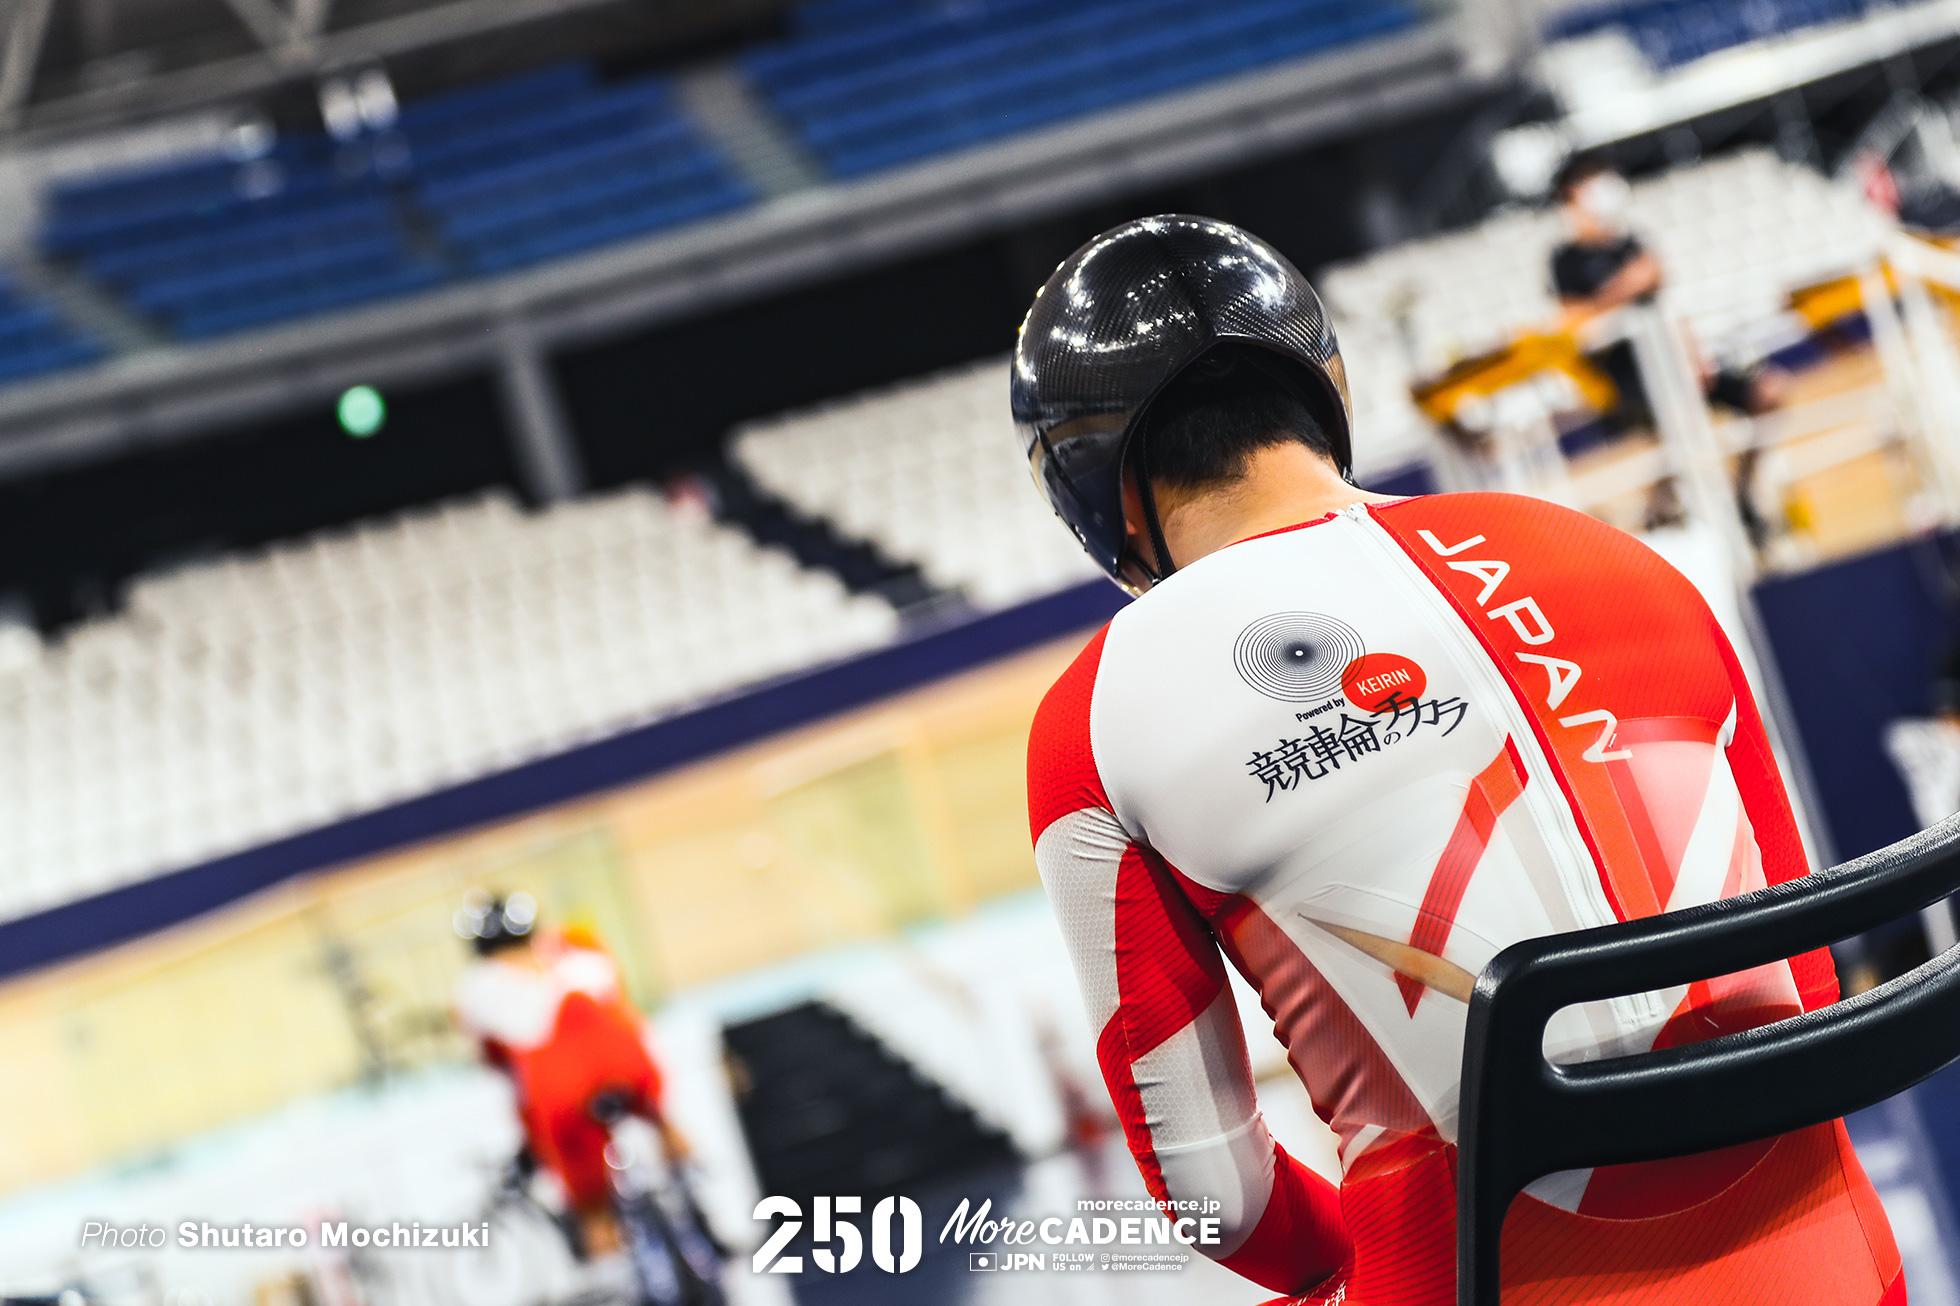 男子チームスプリント, オリンピックシュミレーション